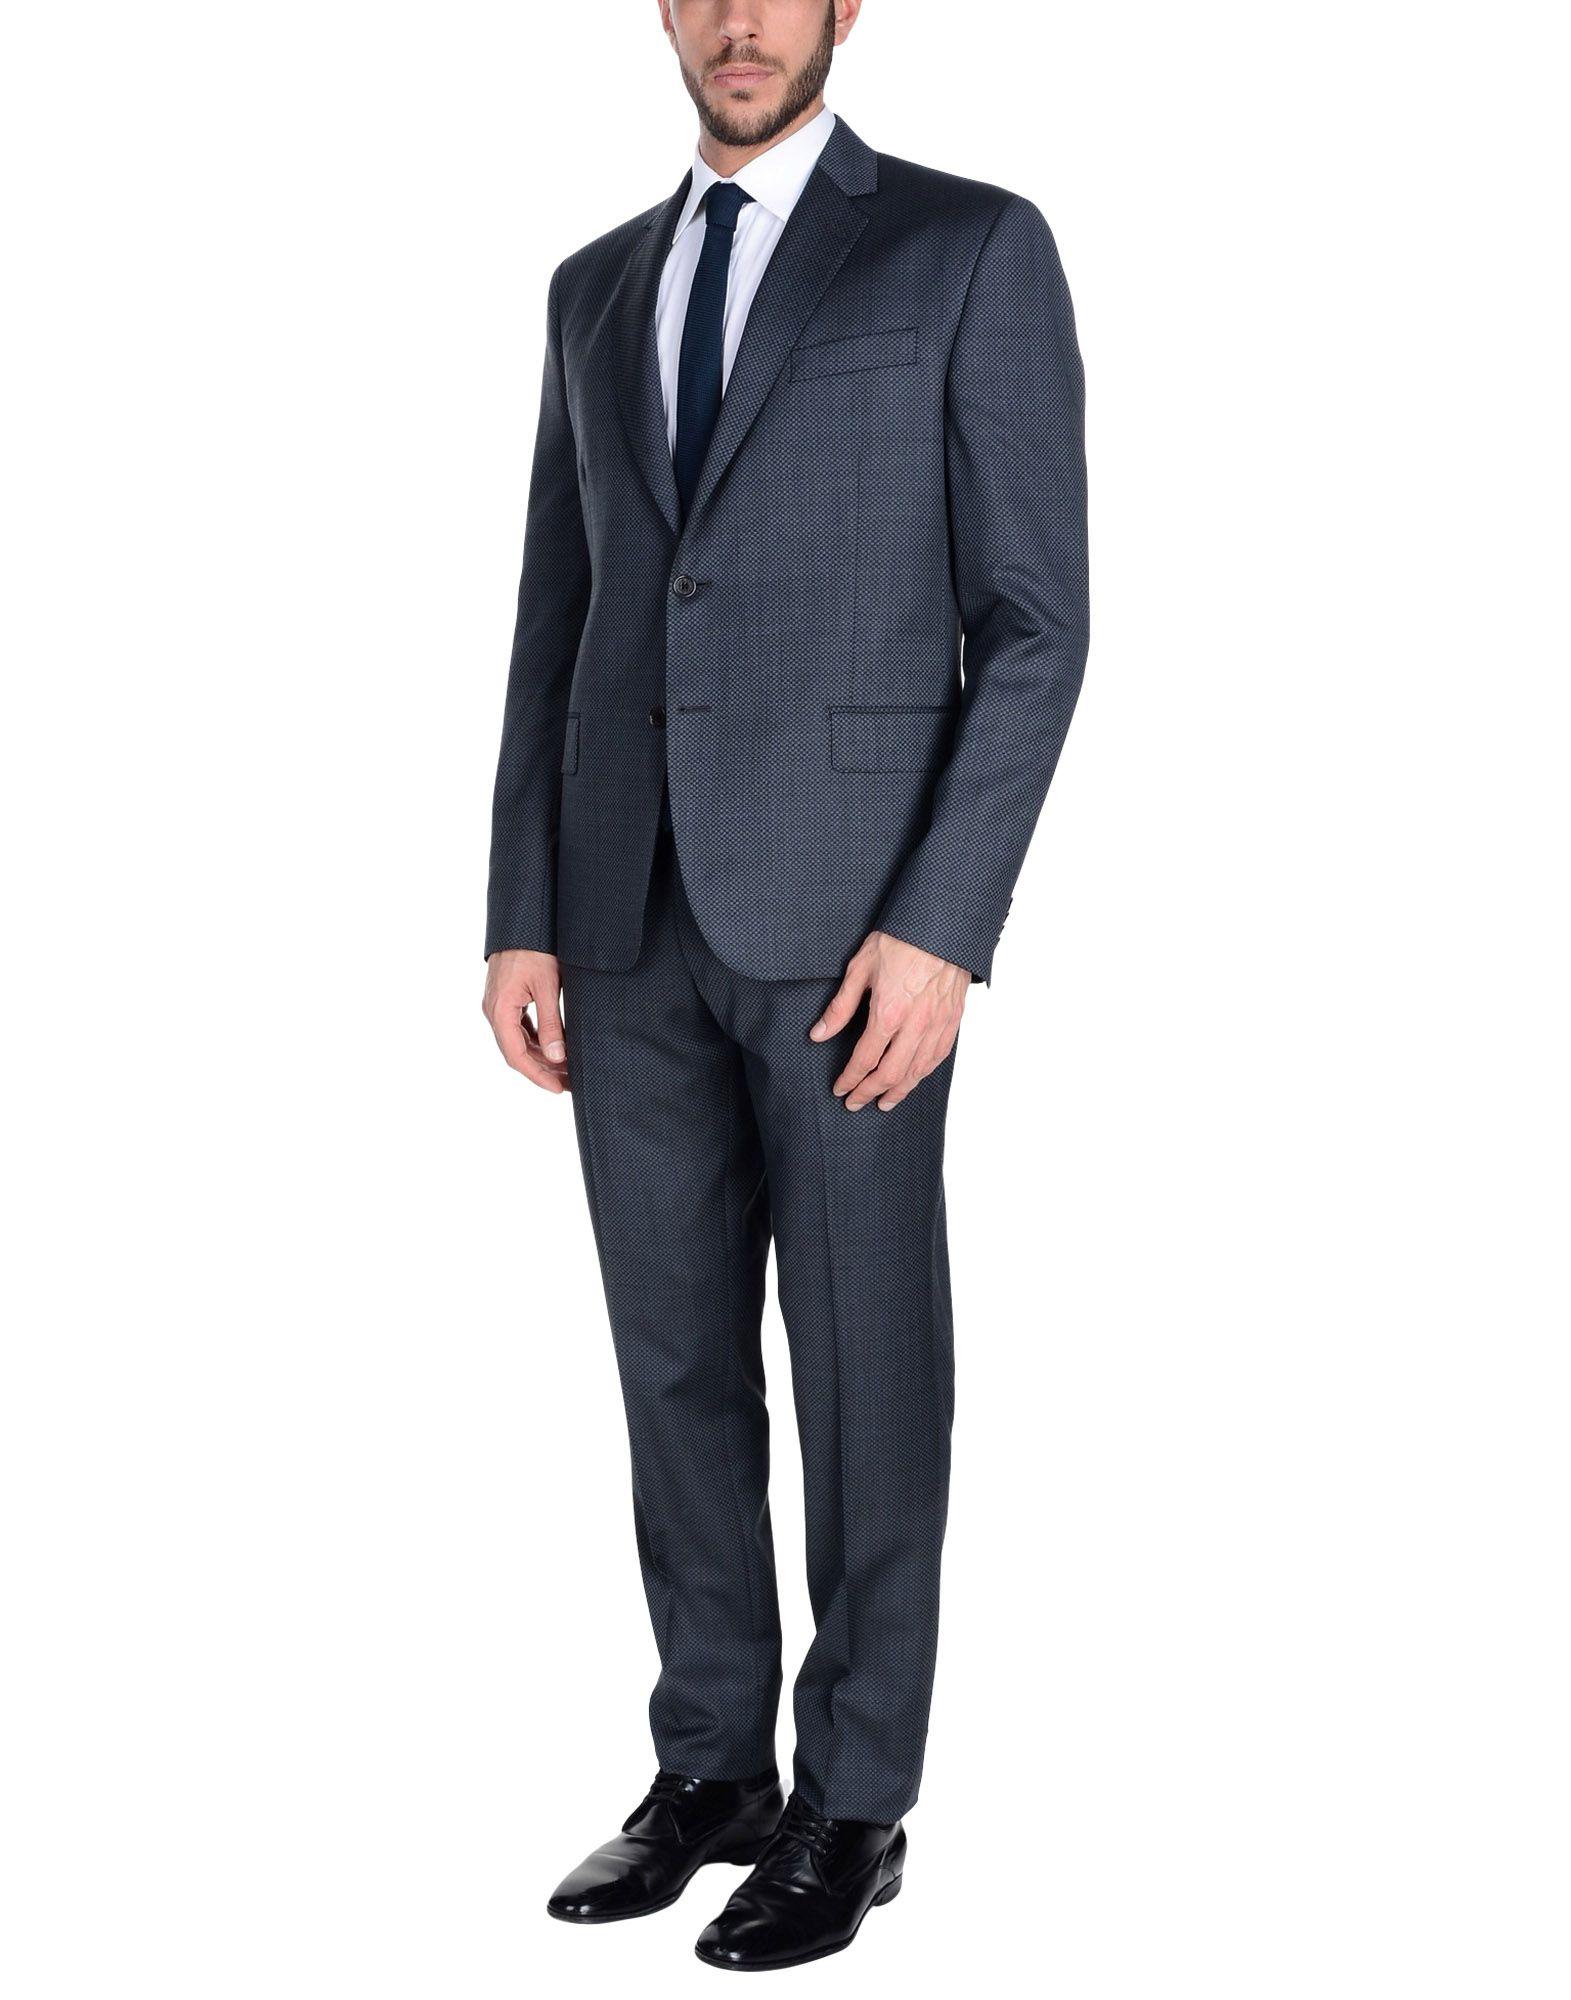 《送料無料》PIERRE BALMAIN メンズ スーツ ダークブルー 48 バージンウール 100%